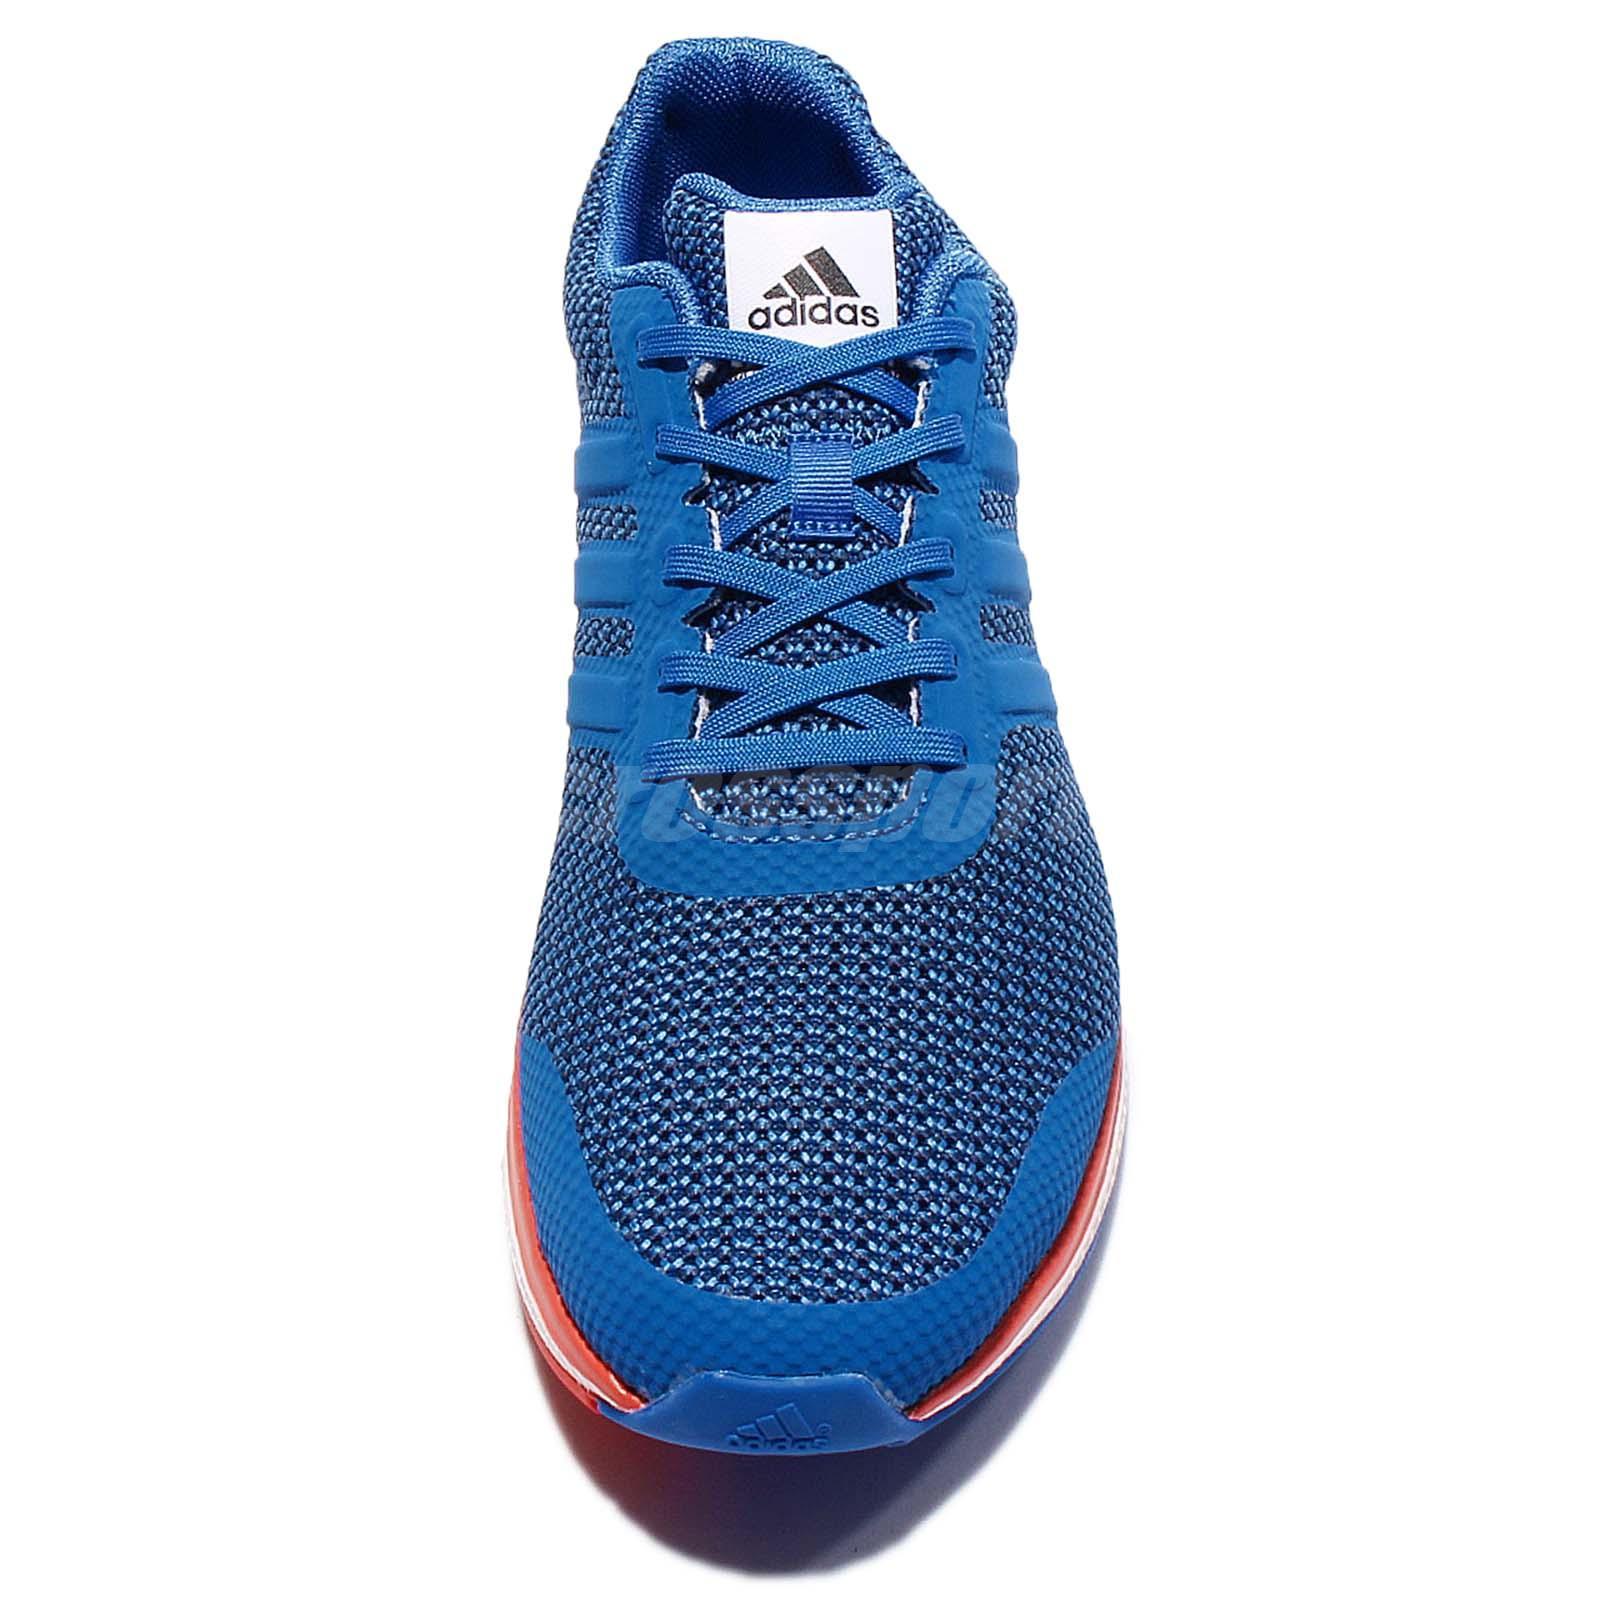 adidas lightster running